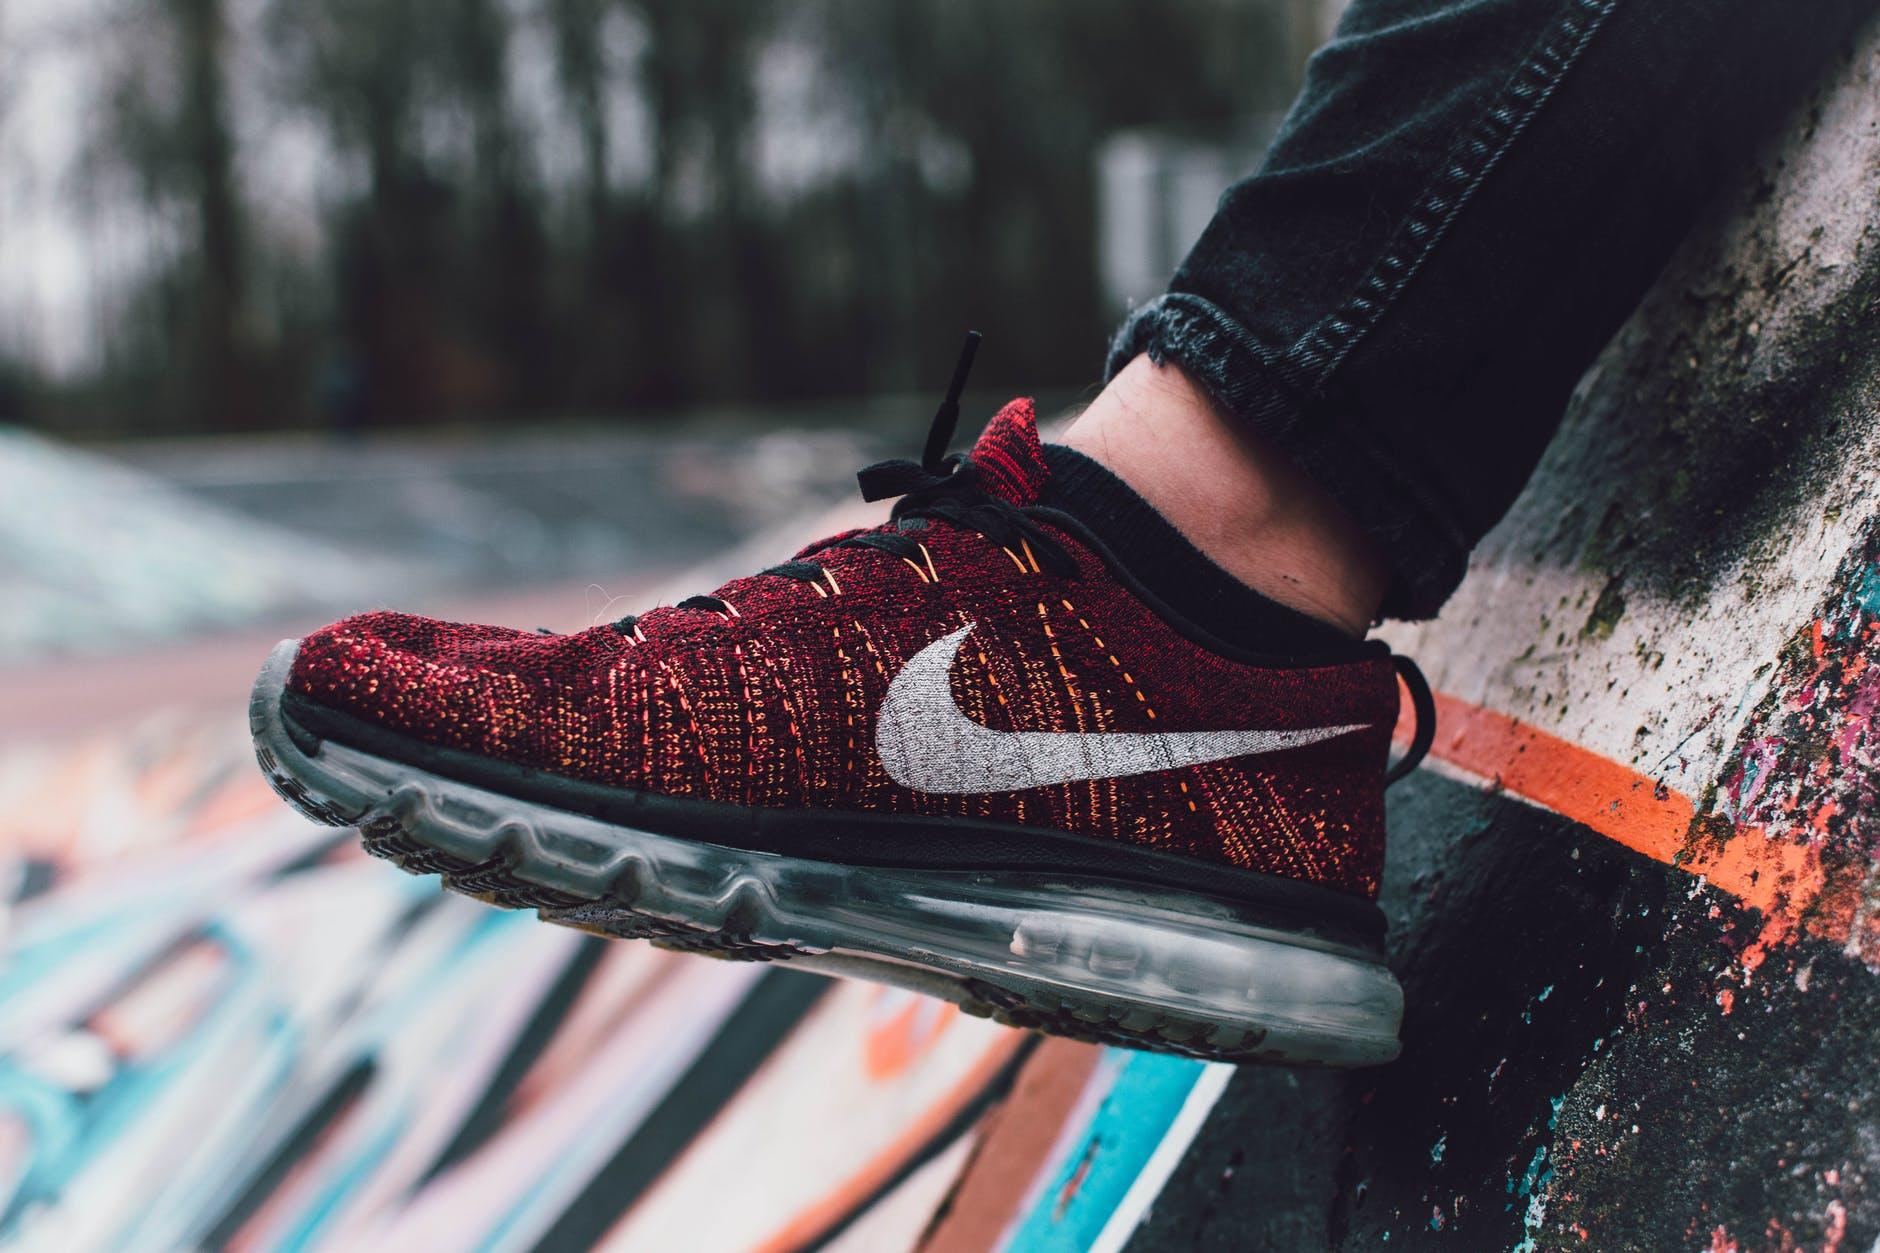 Hoe je goedkoop je Nike sneakers kunt scoren